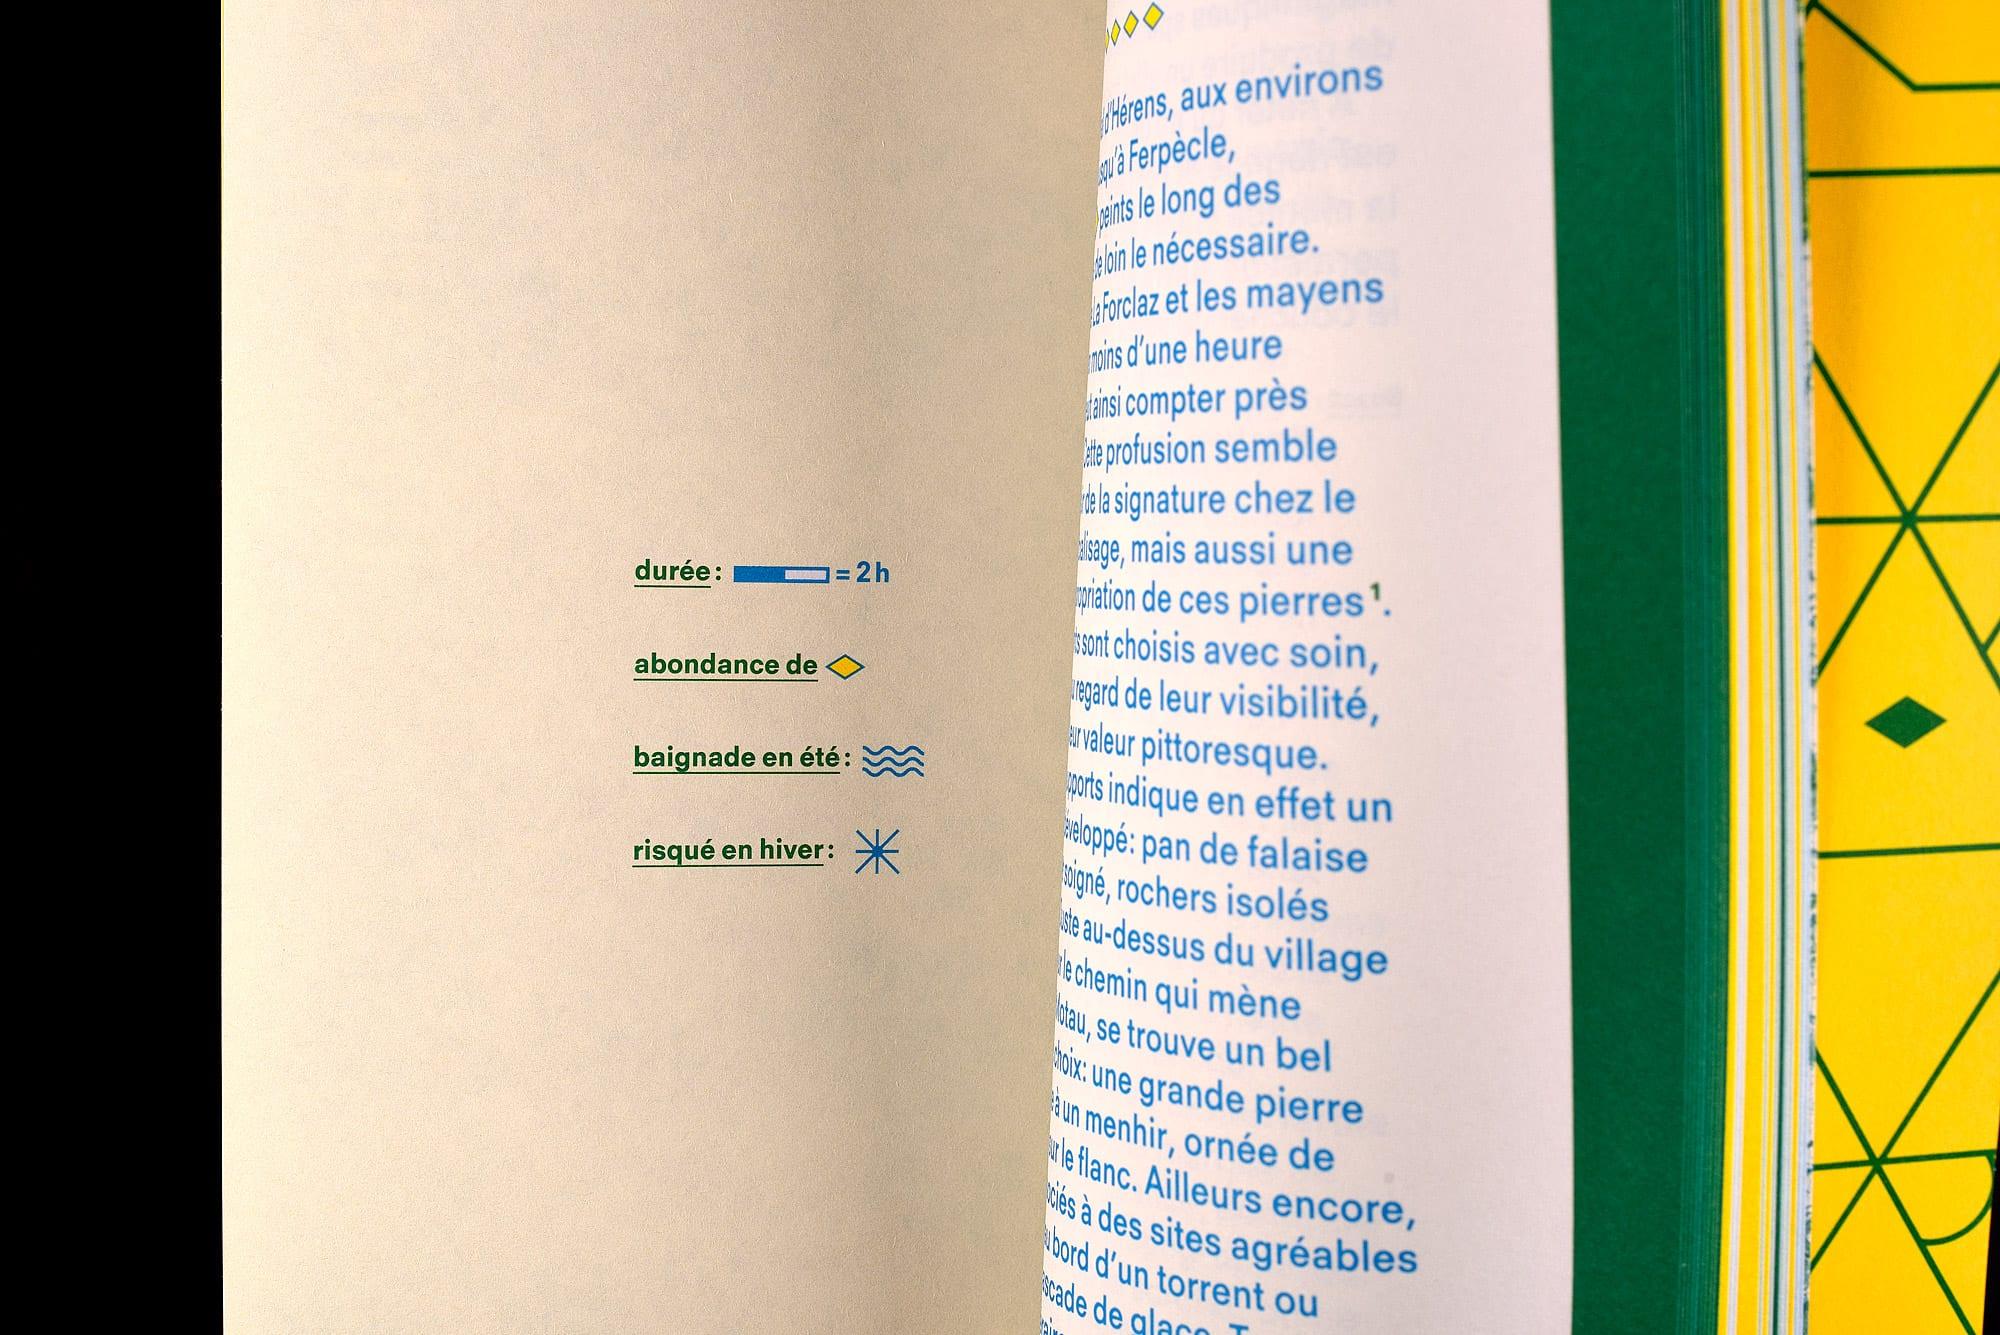 BB02 Losanges sur pierres des Alpes suisses - pages 48-49, légendes des itinéraires